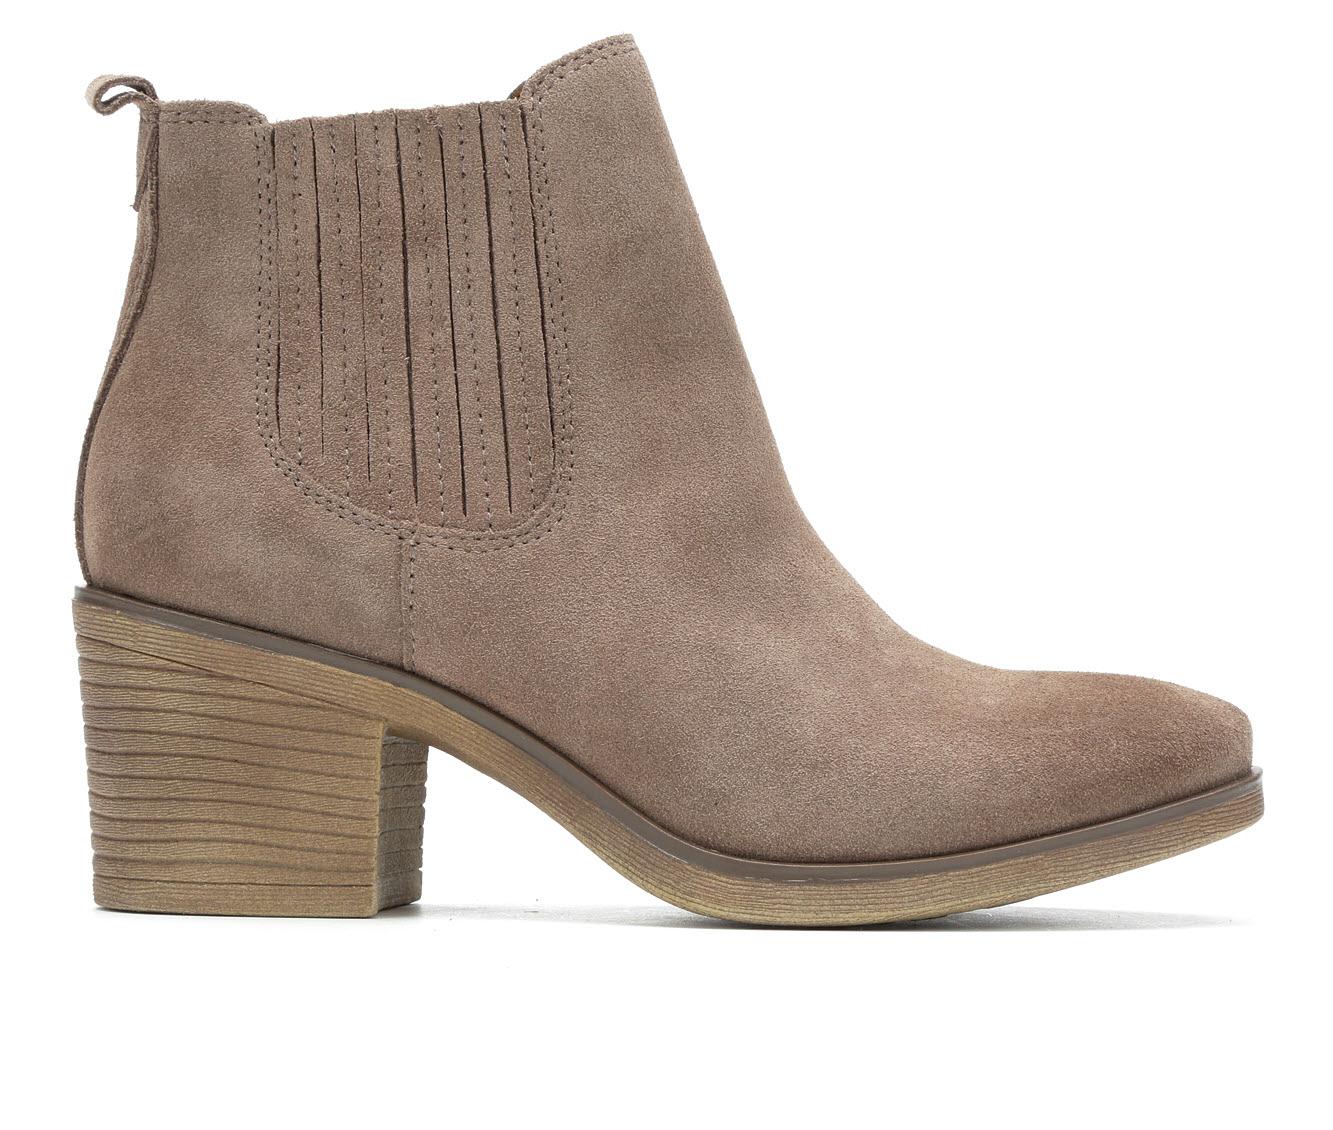 EuroSoft Jennica Women's Boots (Beige - Suede)